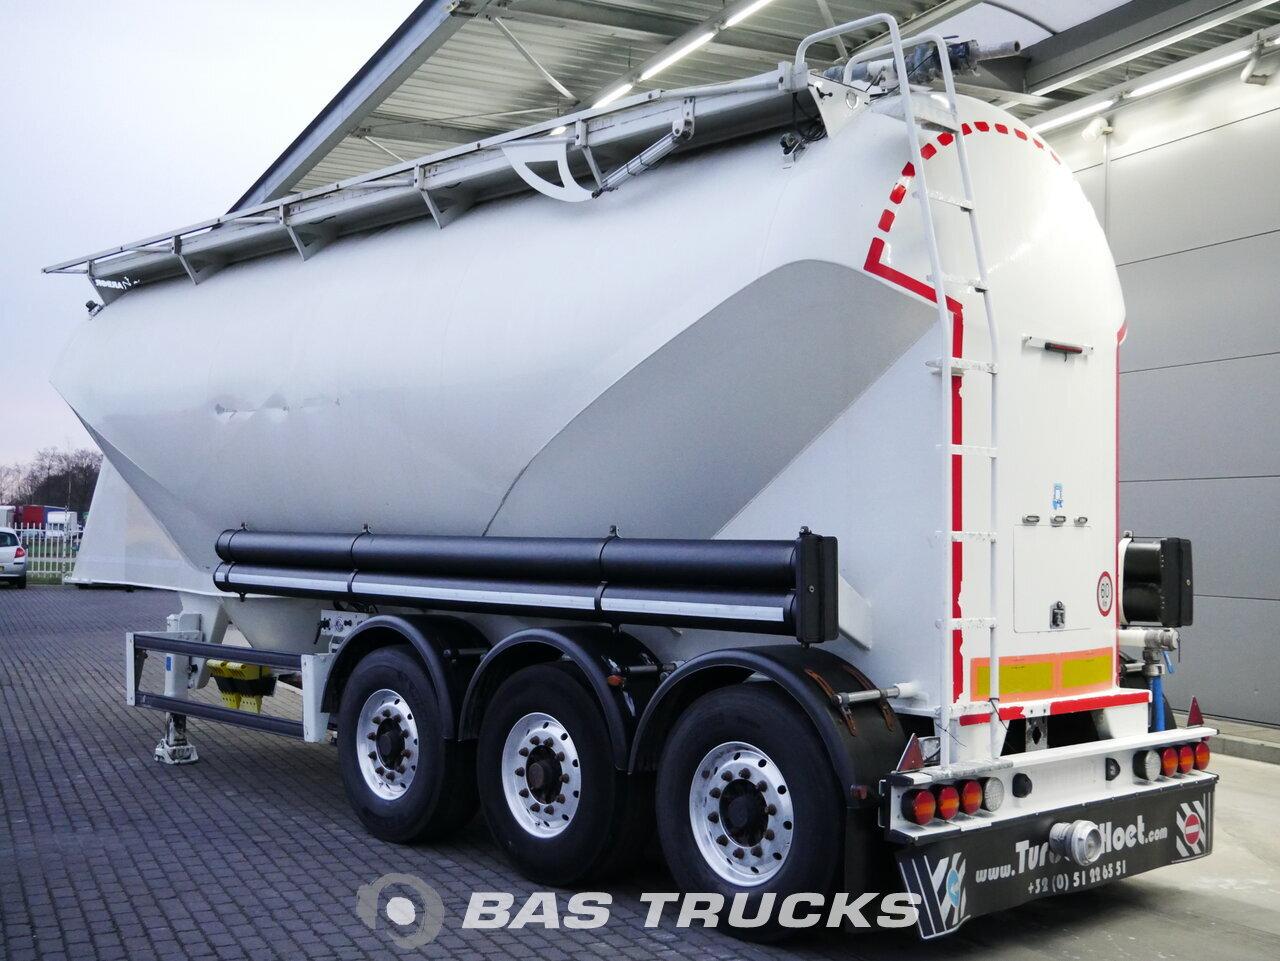 foto di Usato Semirimorchio Turbo's HOET 39m3 Cement Silo Liftachse SVMI6.7.39 assi 2015